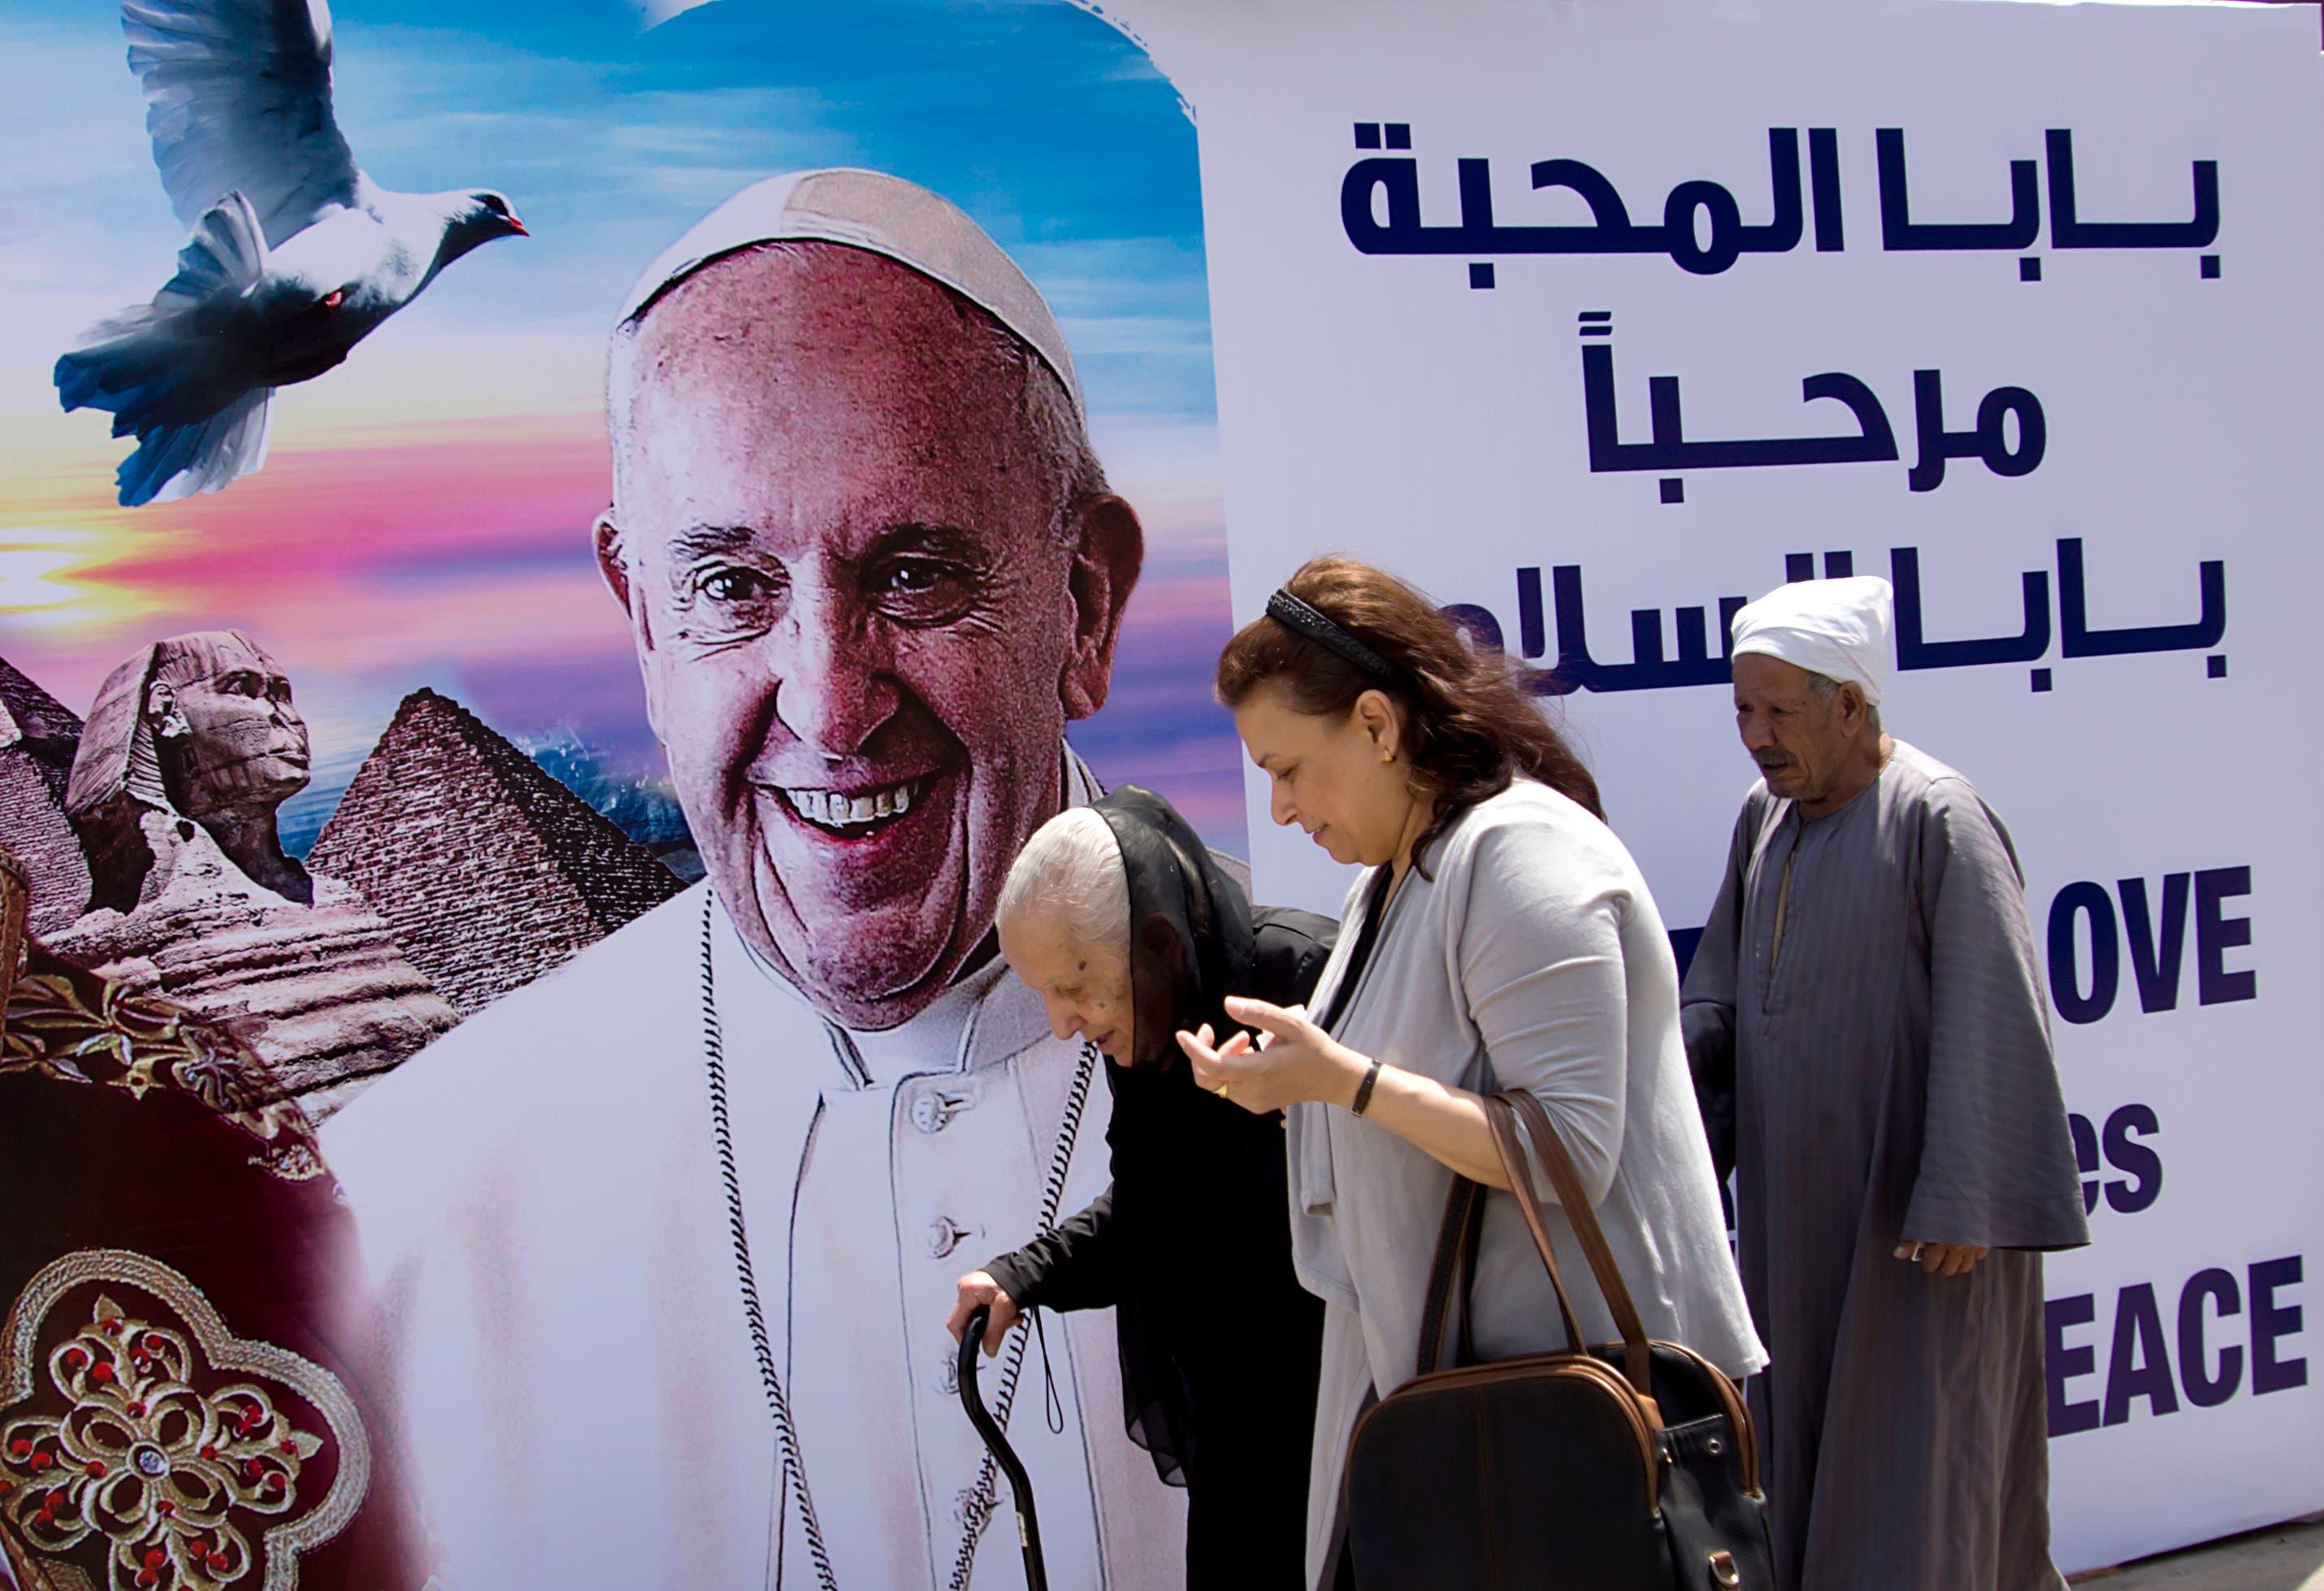 Un cartel da la bienvenida al papa Francisco en la catedral de San Marcos en El Cairo, Egipto, el jueves 27 de abril de 2017. (AP Foto/Amr Nabil)